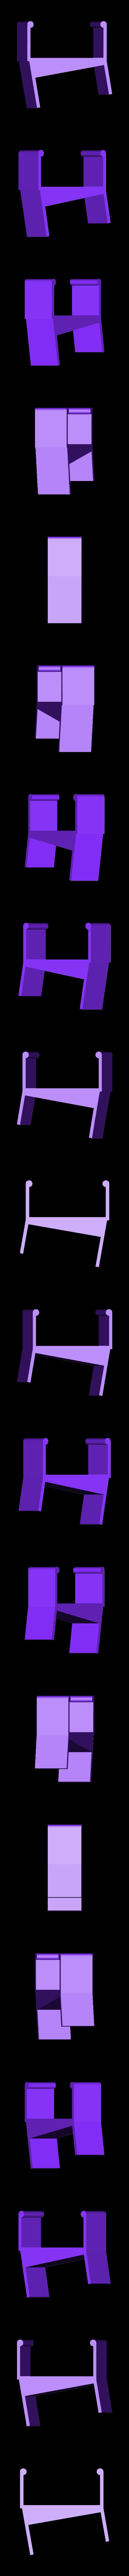 Wii_bar_mount.stl Download free STL file Wii Sensor Bar Mount • 3D print object, Balkhnarb